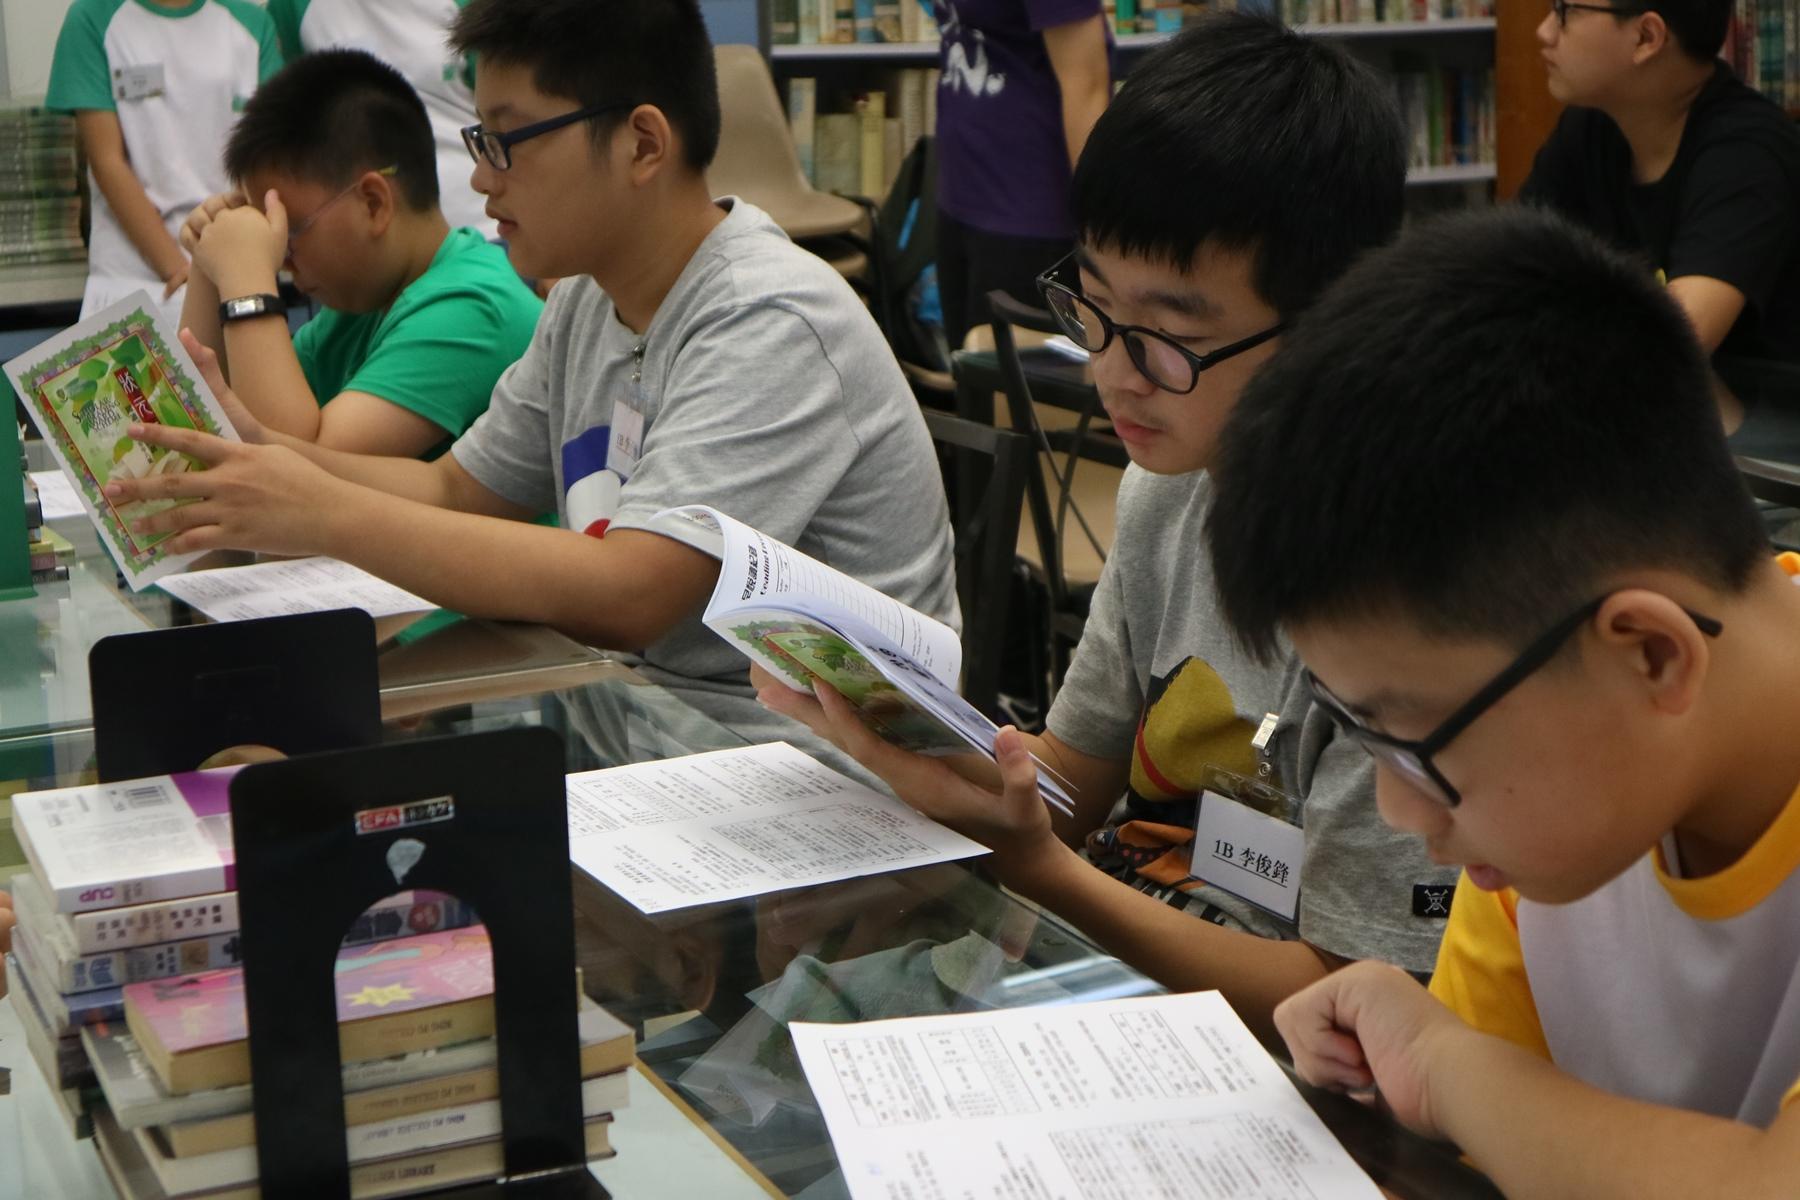 http://npc.edu.hk/sites/default/files/1b_kai_qi_zhi_shi_03.jpg